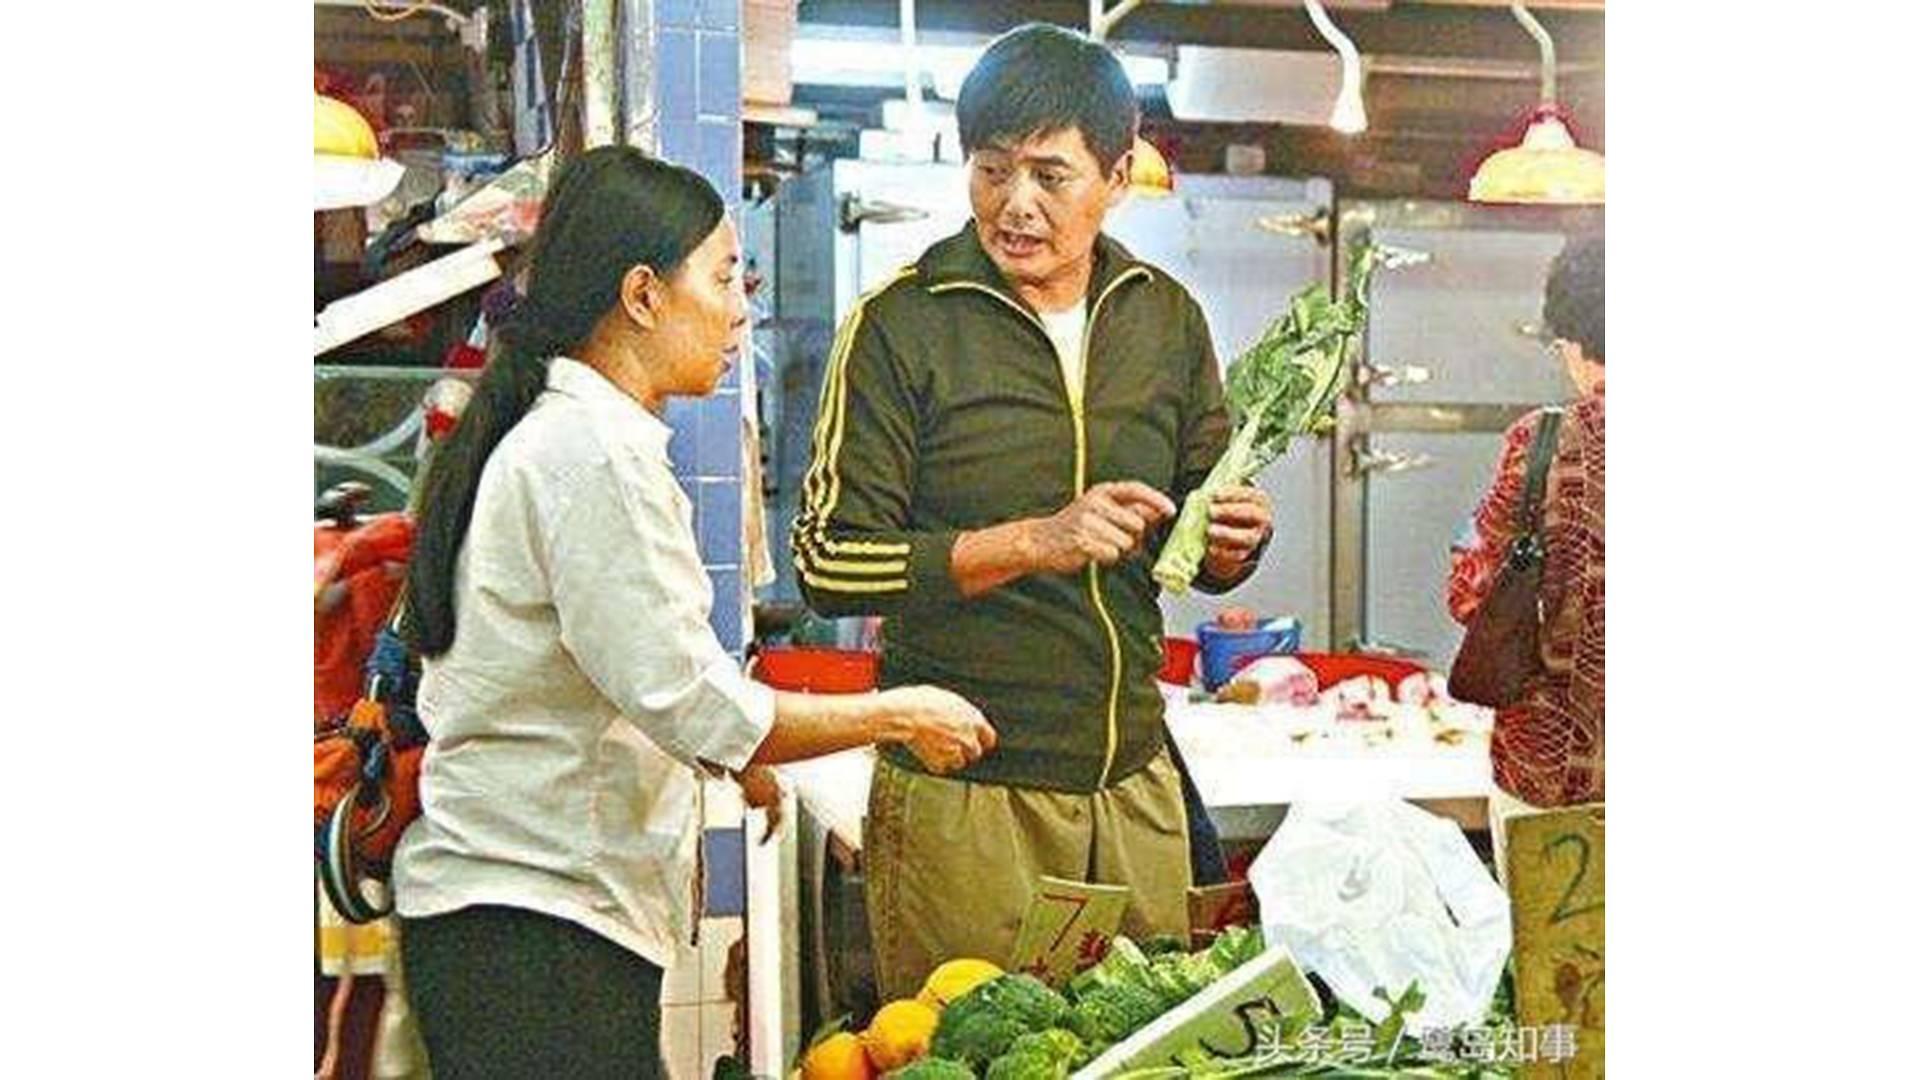 Châu Nhuận Phát còn được gọi vui là kẻ 'keo kiệt' khi mỗi tháng chỉ tiêu dùng 800 đôla Hong Kong (khoảng 2,4 triệu VNĐ).